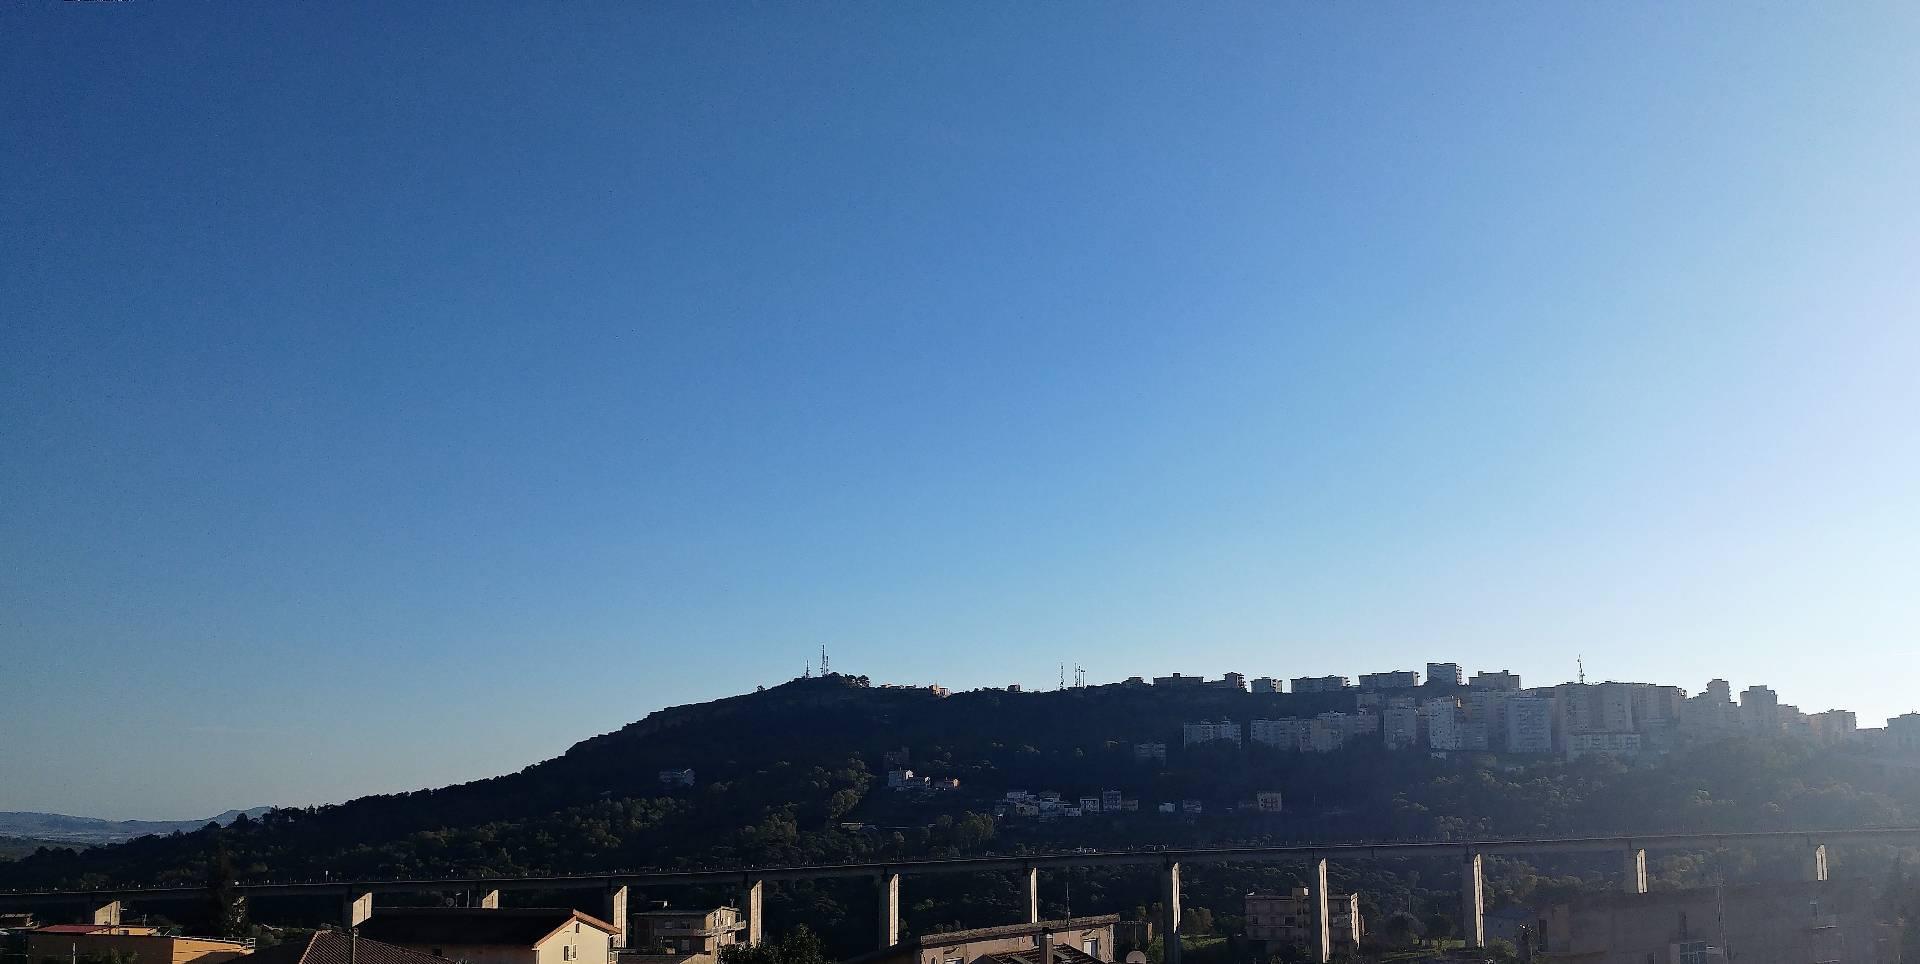 Appartamento in affitto a Agrigento, 4 locali, zona Località: Quadrivio, prezzo € 80.000 | CambioCasa.it